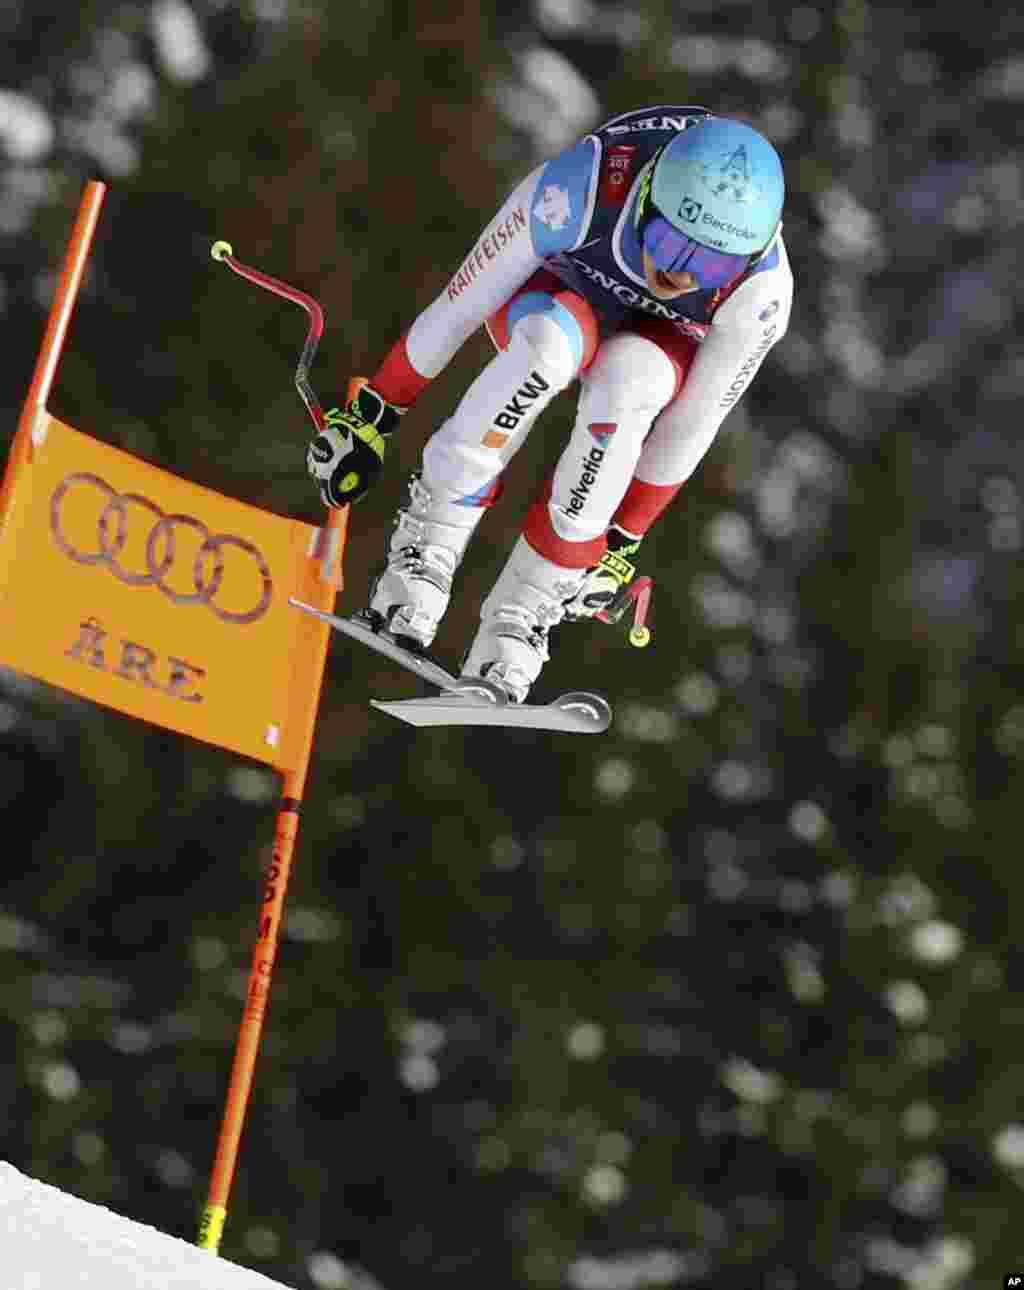 روندی هولدنر، اسکی باز سویسی در مسابقات قهرمانی اسکی زنان در سویدن